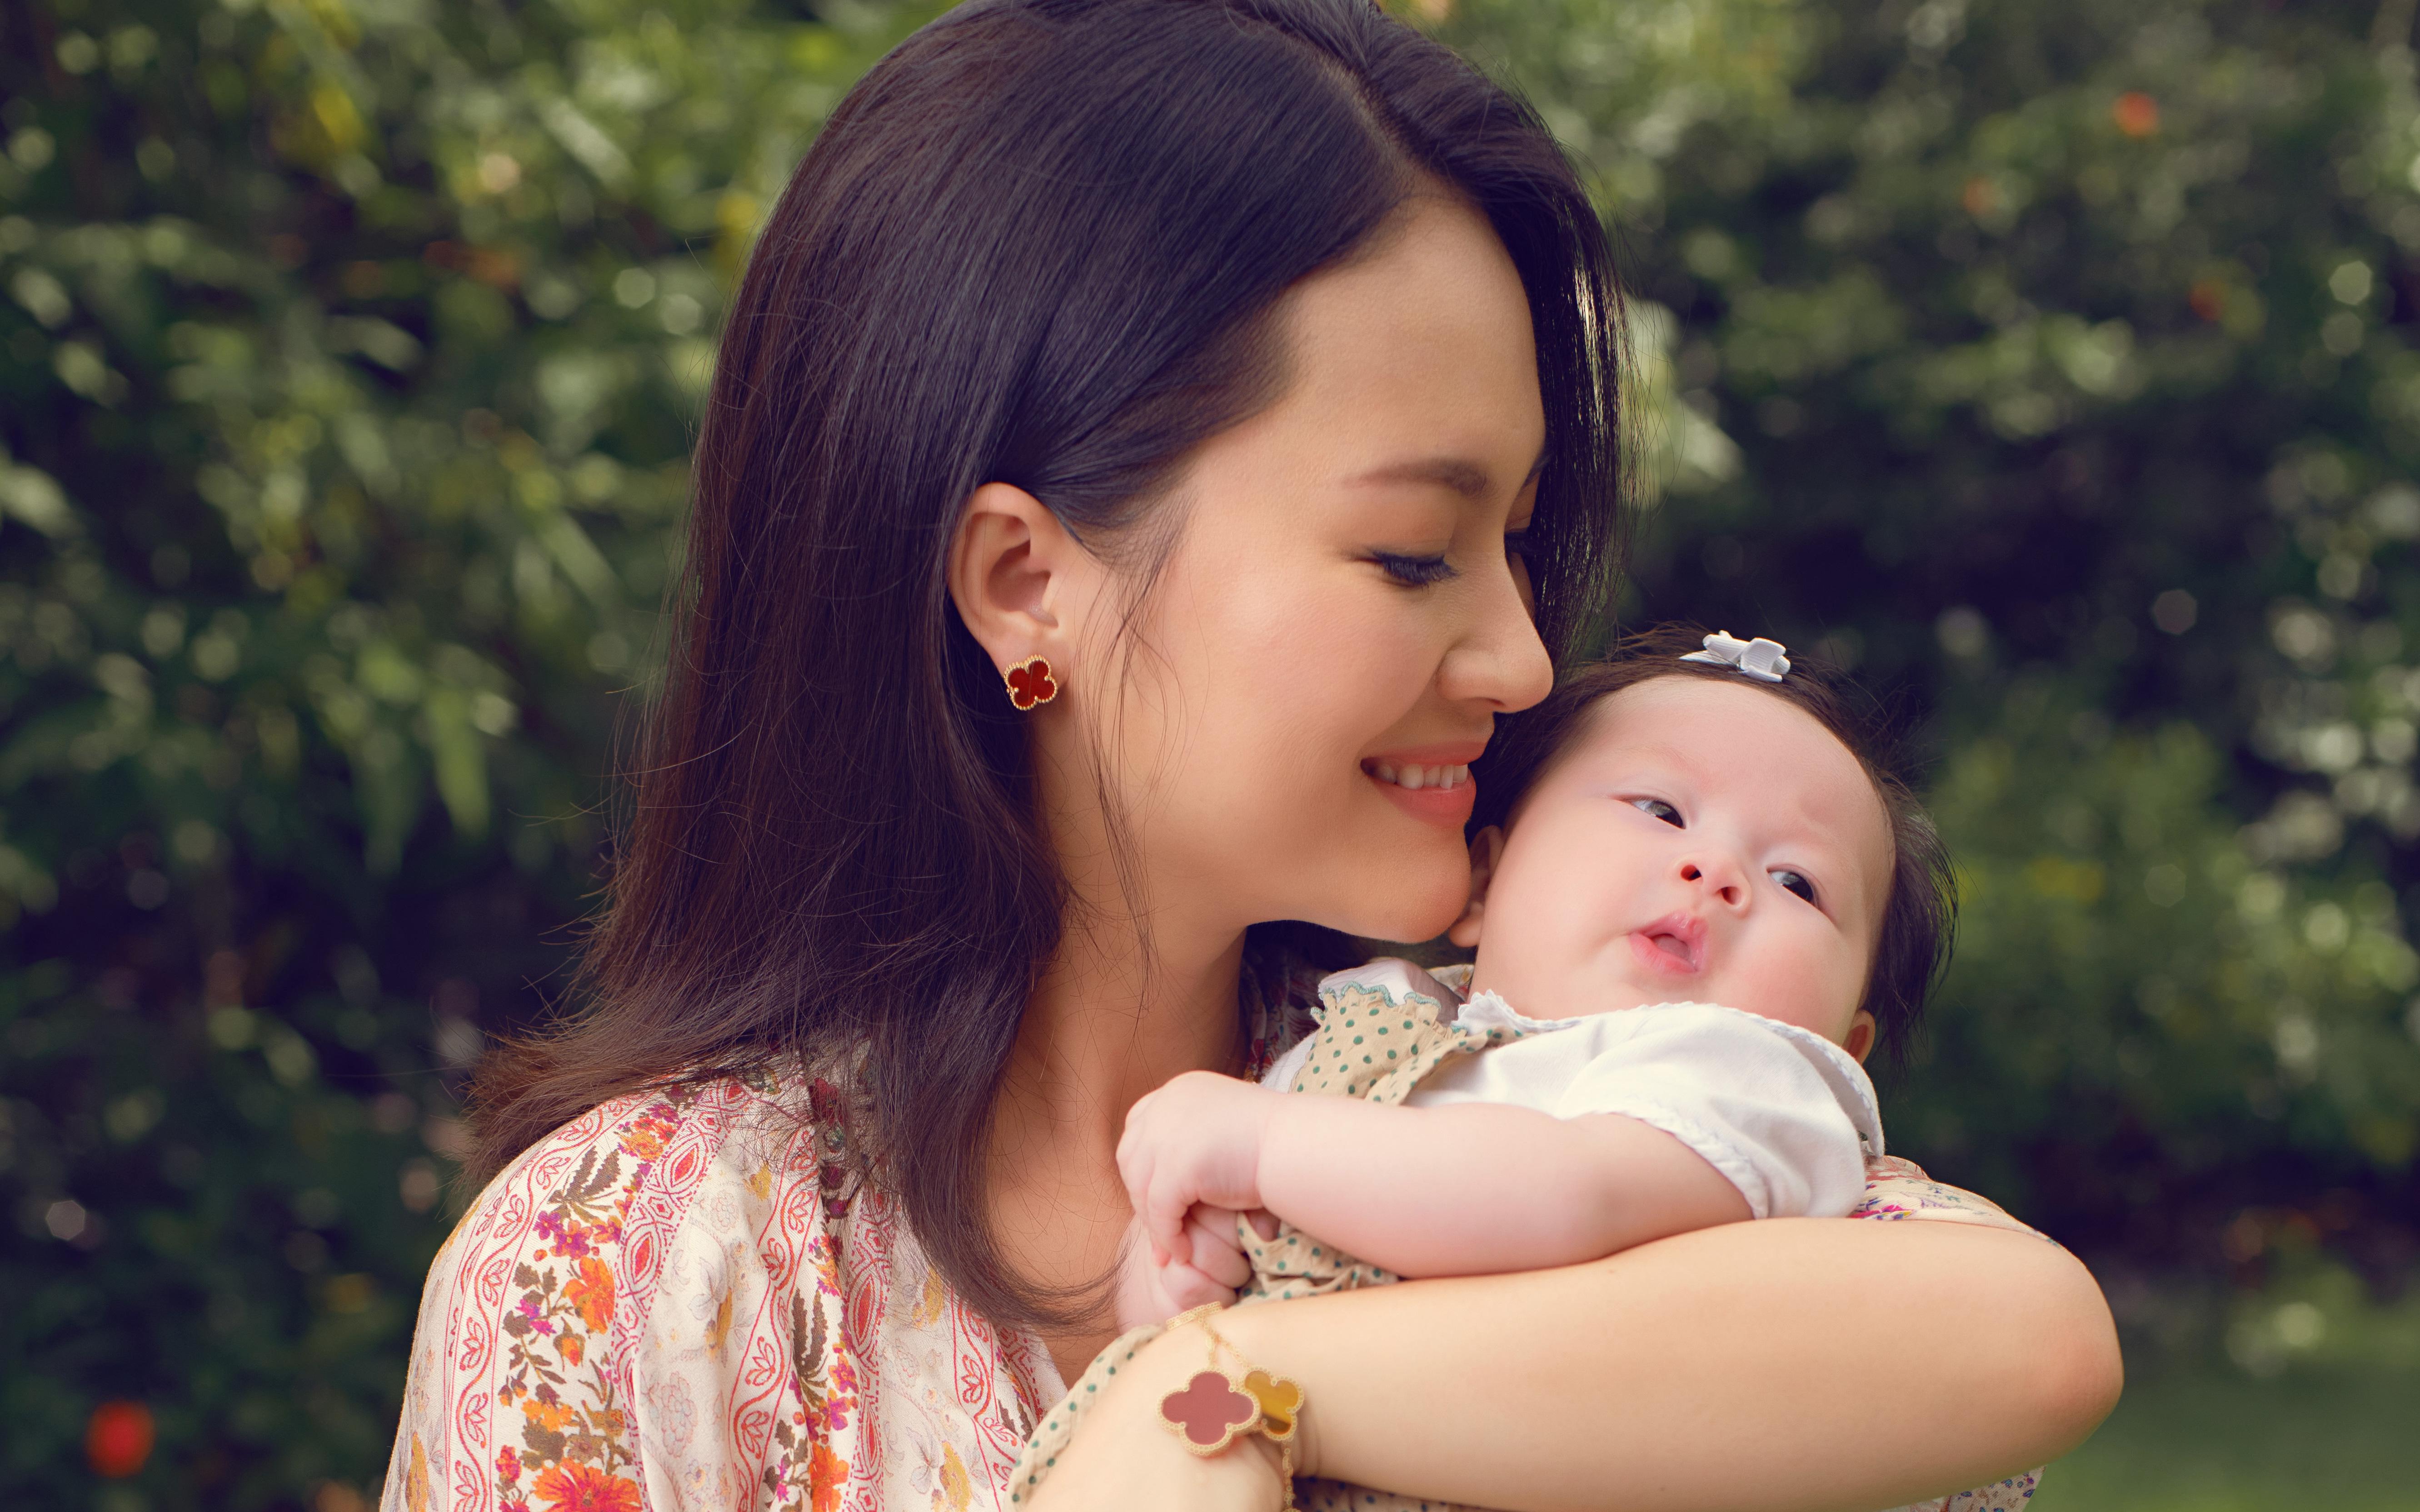 """Nữ diễn viên """"Chuyện của Pao"""" Hải Yến sinh liền 3 nhóc tỳ trong 5 năm ở ẩn, cuộc sống tất bật khiến mẹ bỉm sữa nào cũng đồng cảm"""